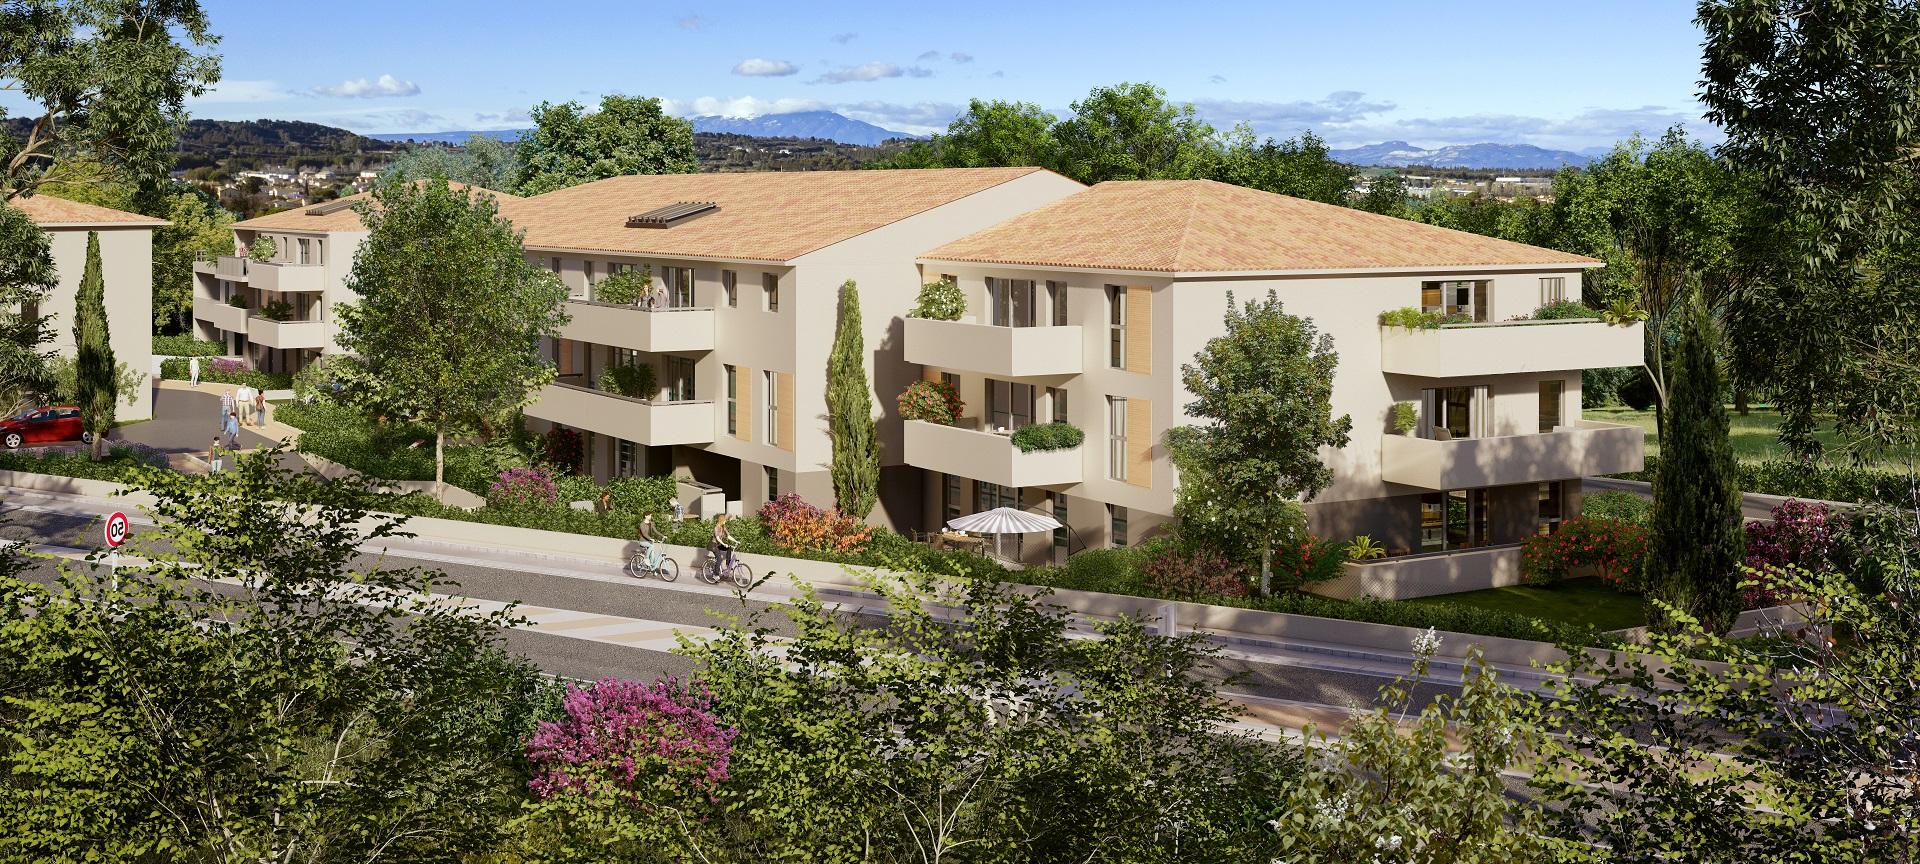 Programme immobilier EDE11 appartement à Morières-Lès-Avignon (84310) À moins de 10 minutes d'Avignon